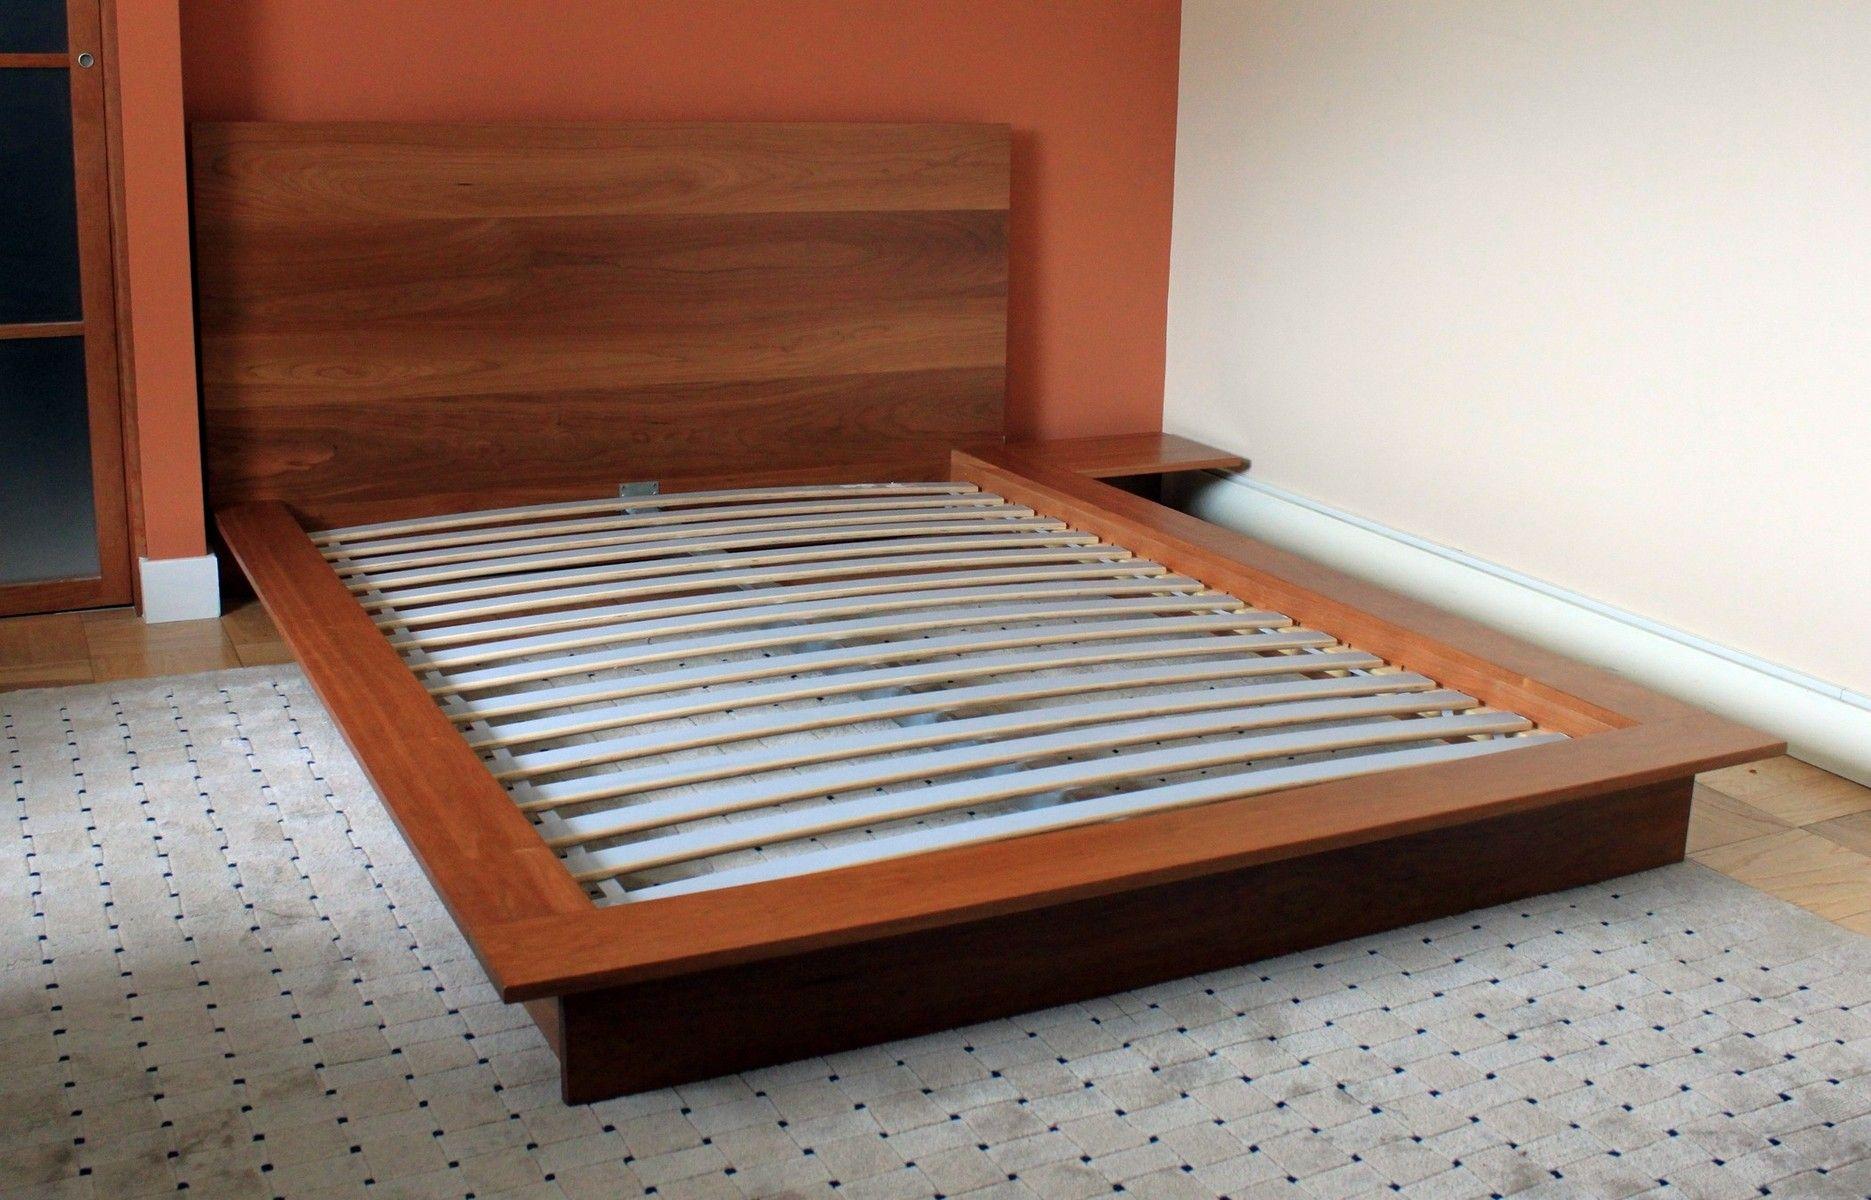 Queen Size Platform Bed Affordable Furniture Room Design For Minimalist Kids Frames Low Profile Best Floating Fabric Frame